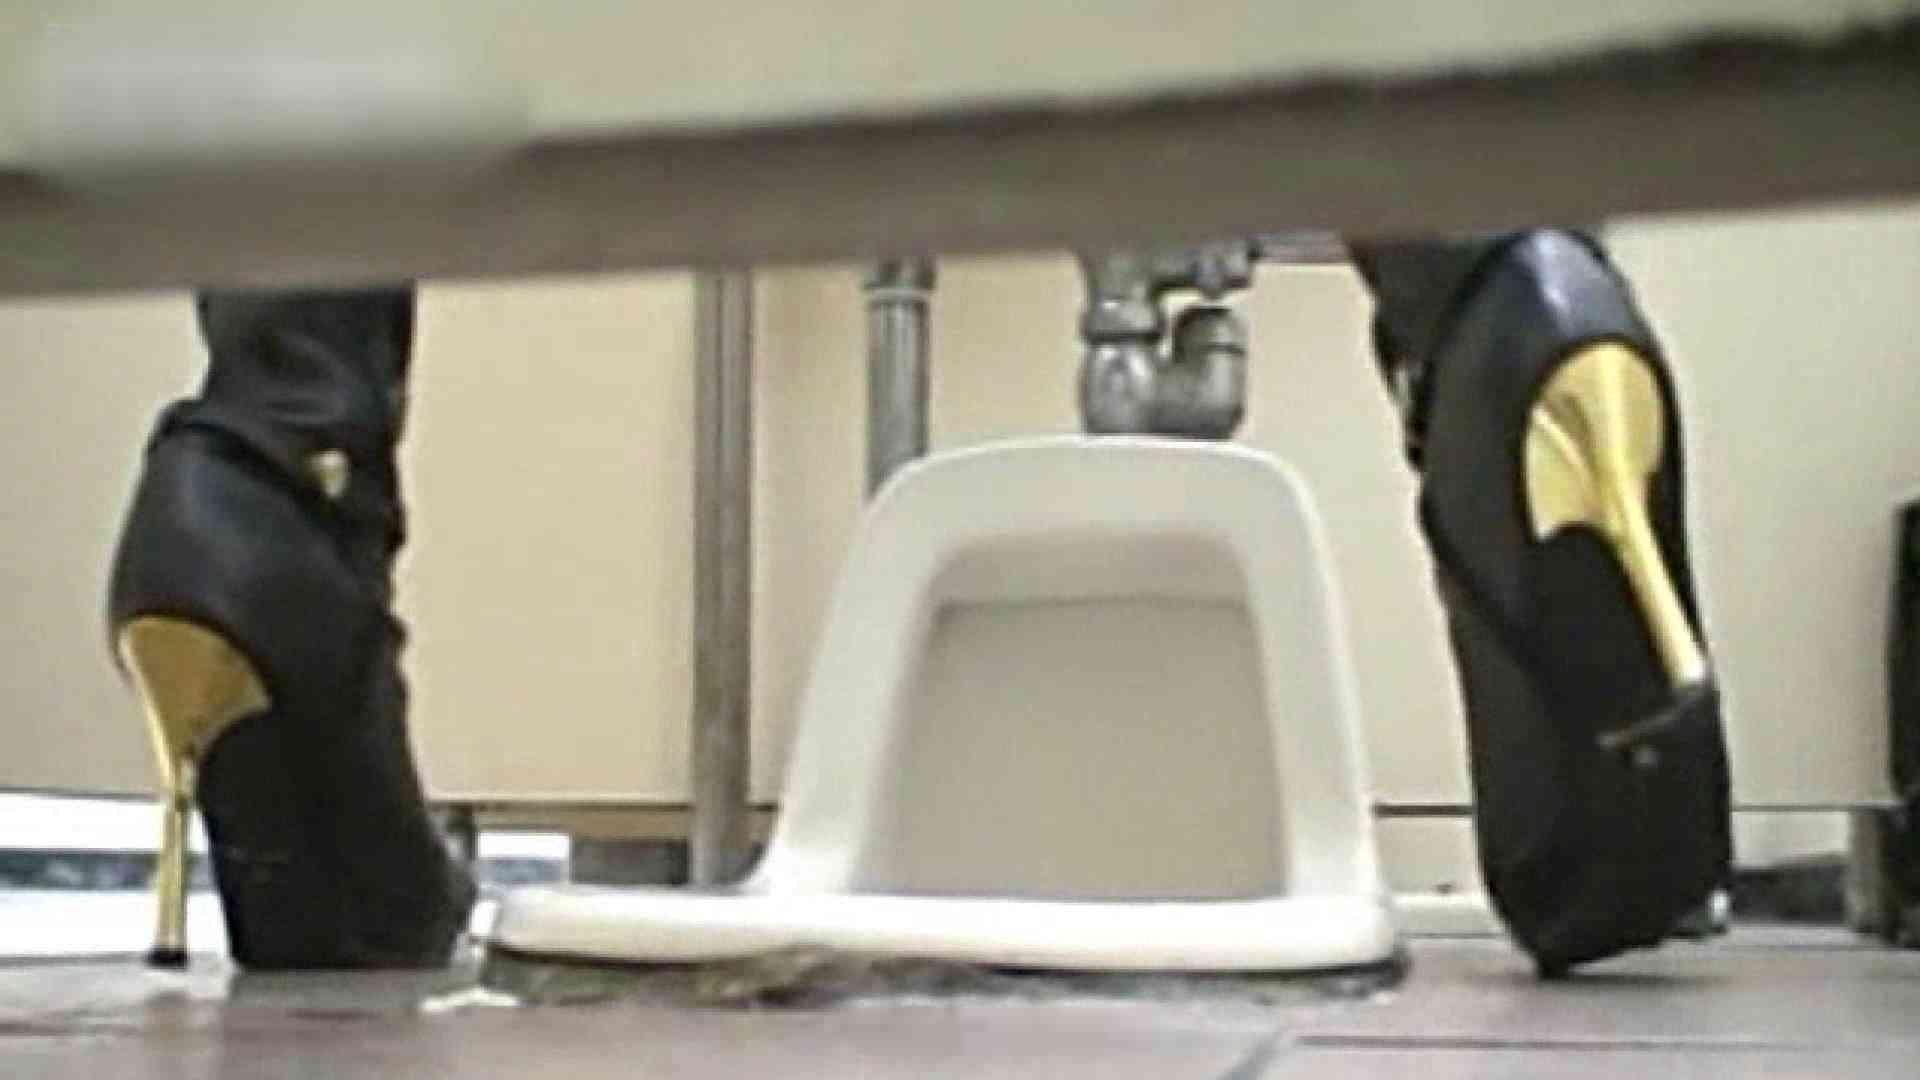 ロックハンドさんの盗撮記録File.59 マンコ・ムレムレ のぞき動画画像 96pic 74